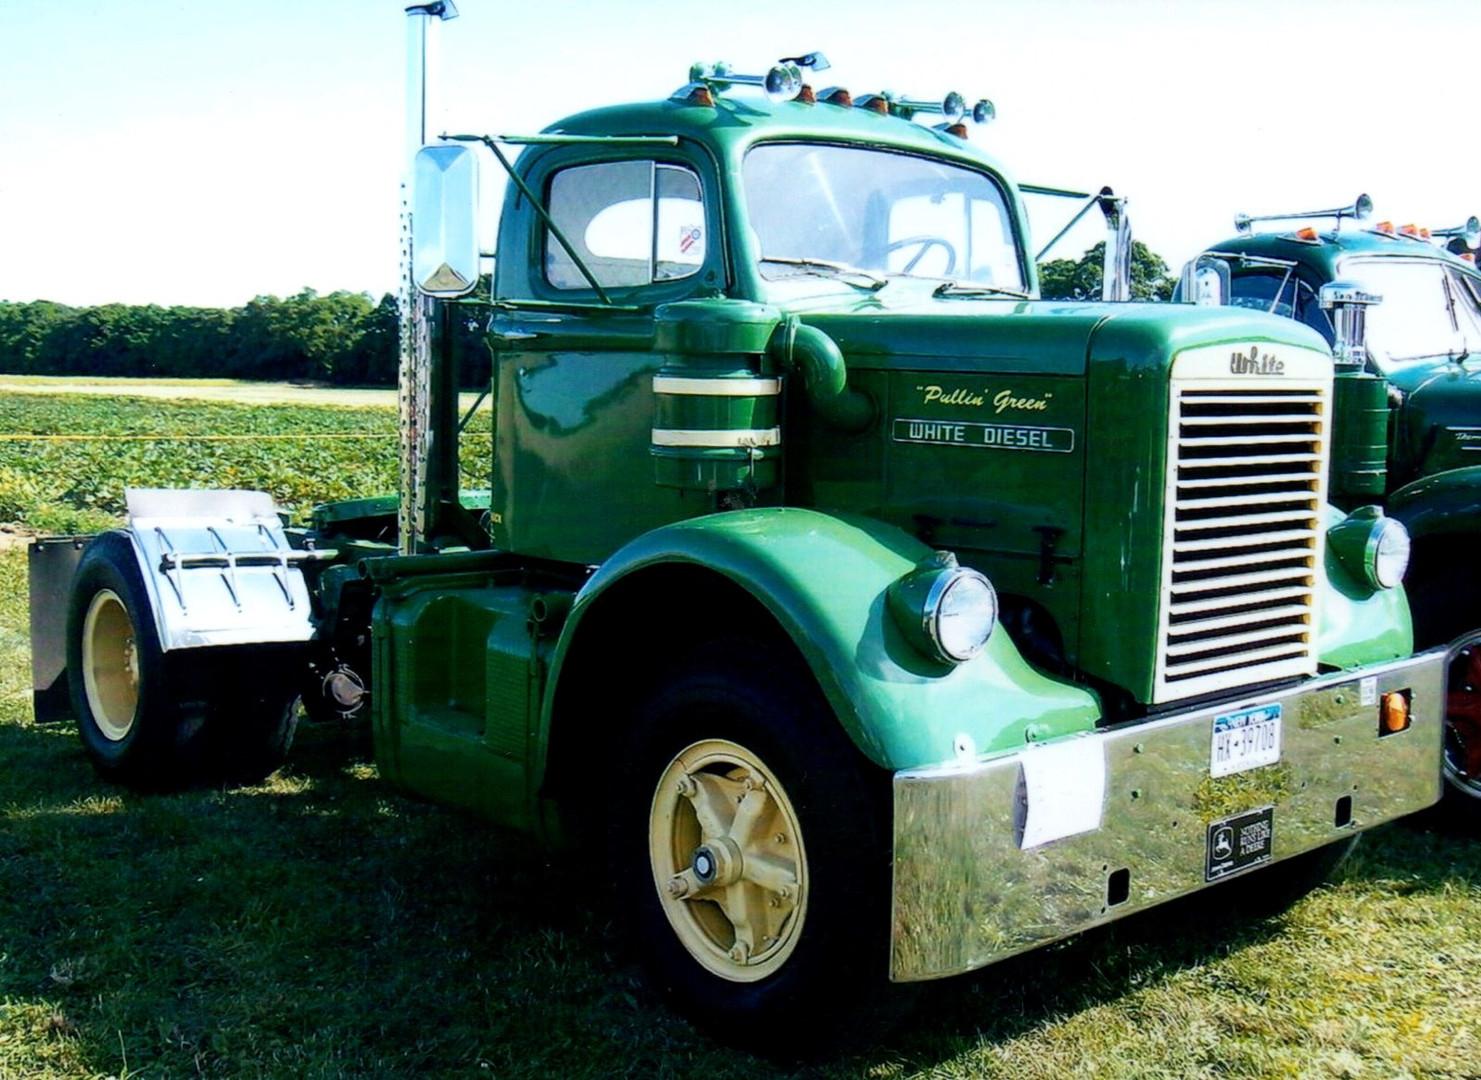 1962 White 9000 TD tractor - Terry Phelan